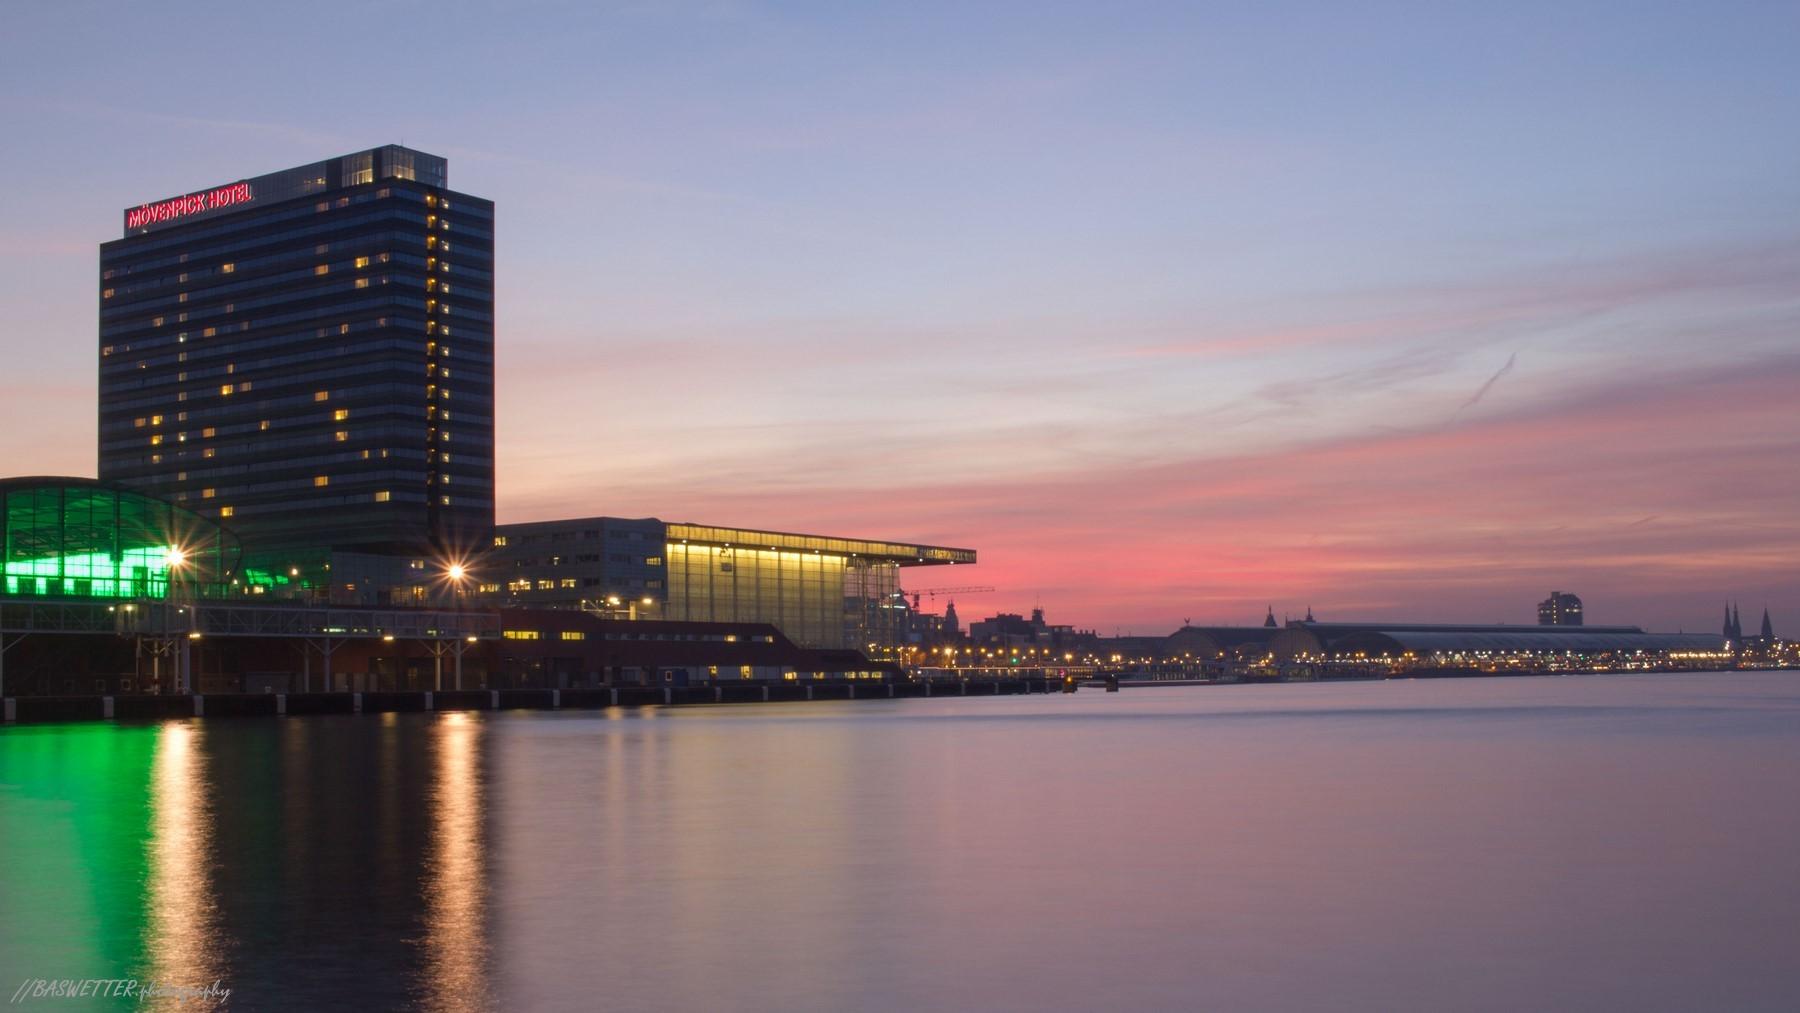 Amsterdamse skyline Muziekgebouw aan 't IJ in de zonsondergang